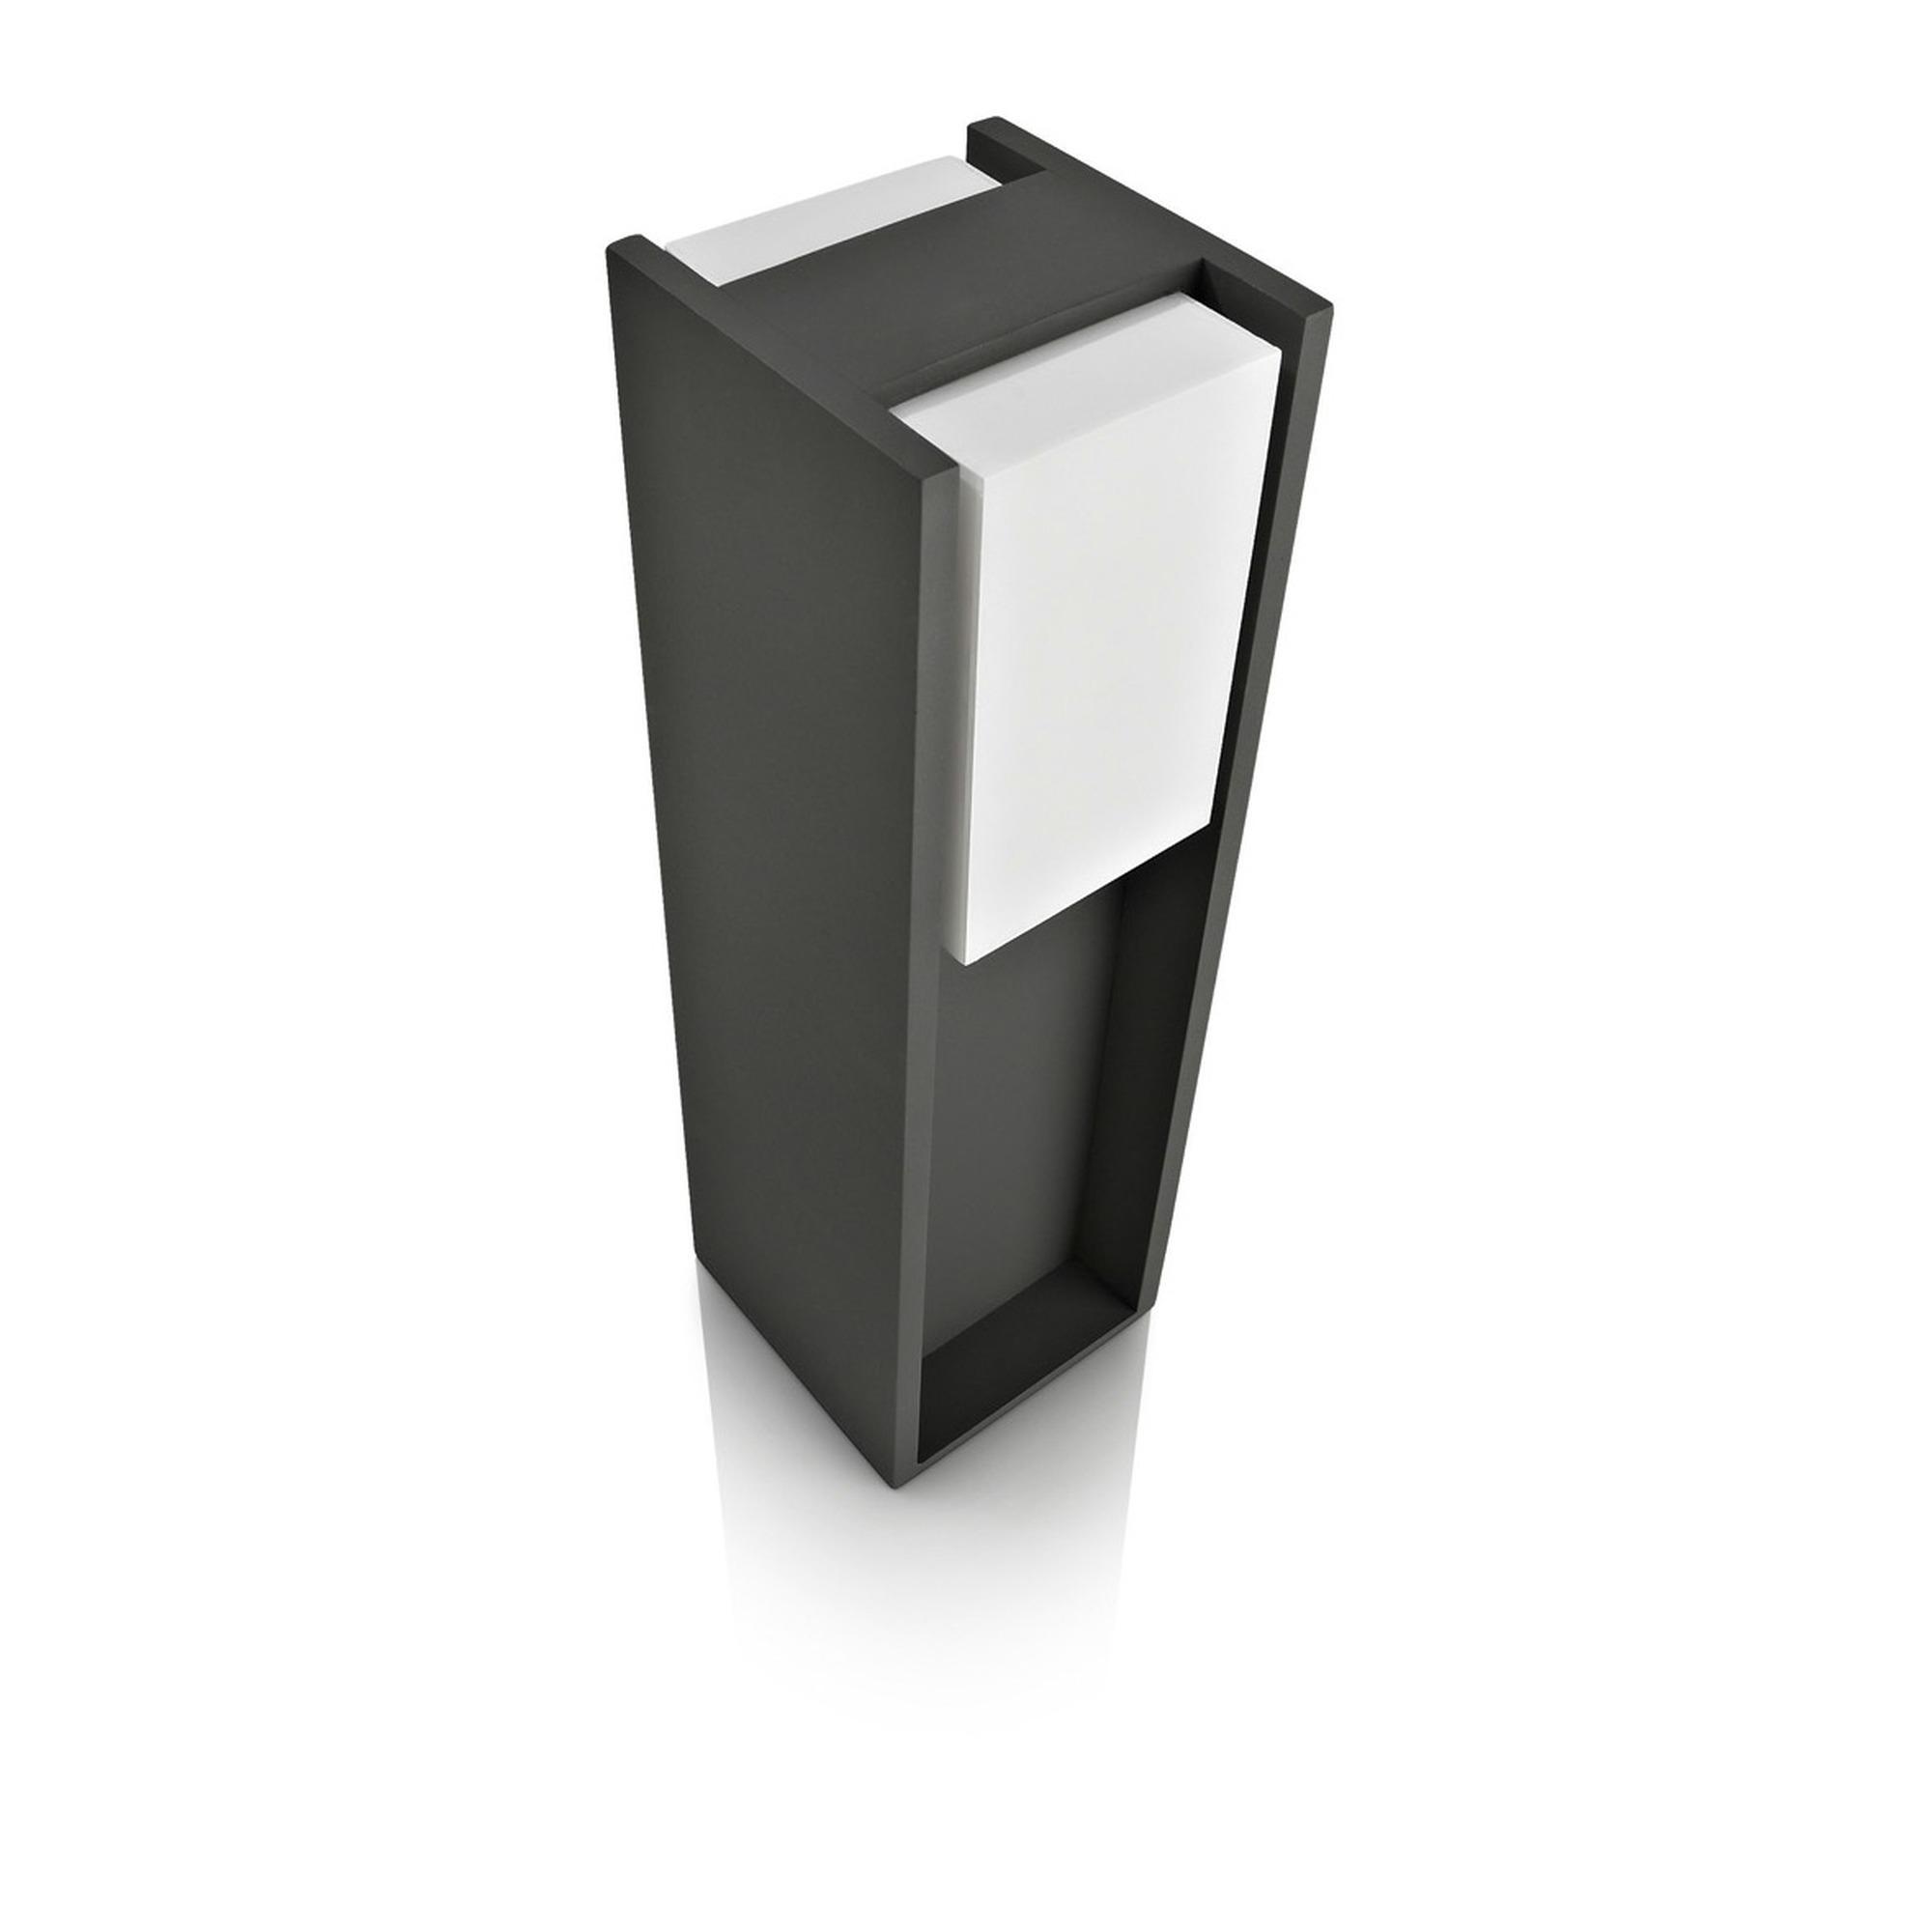 energie A+, Energiebesparende sokkellamp antracietkleurig, Philips